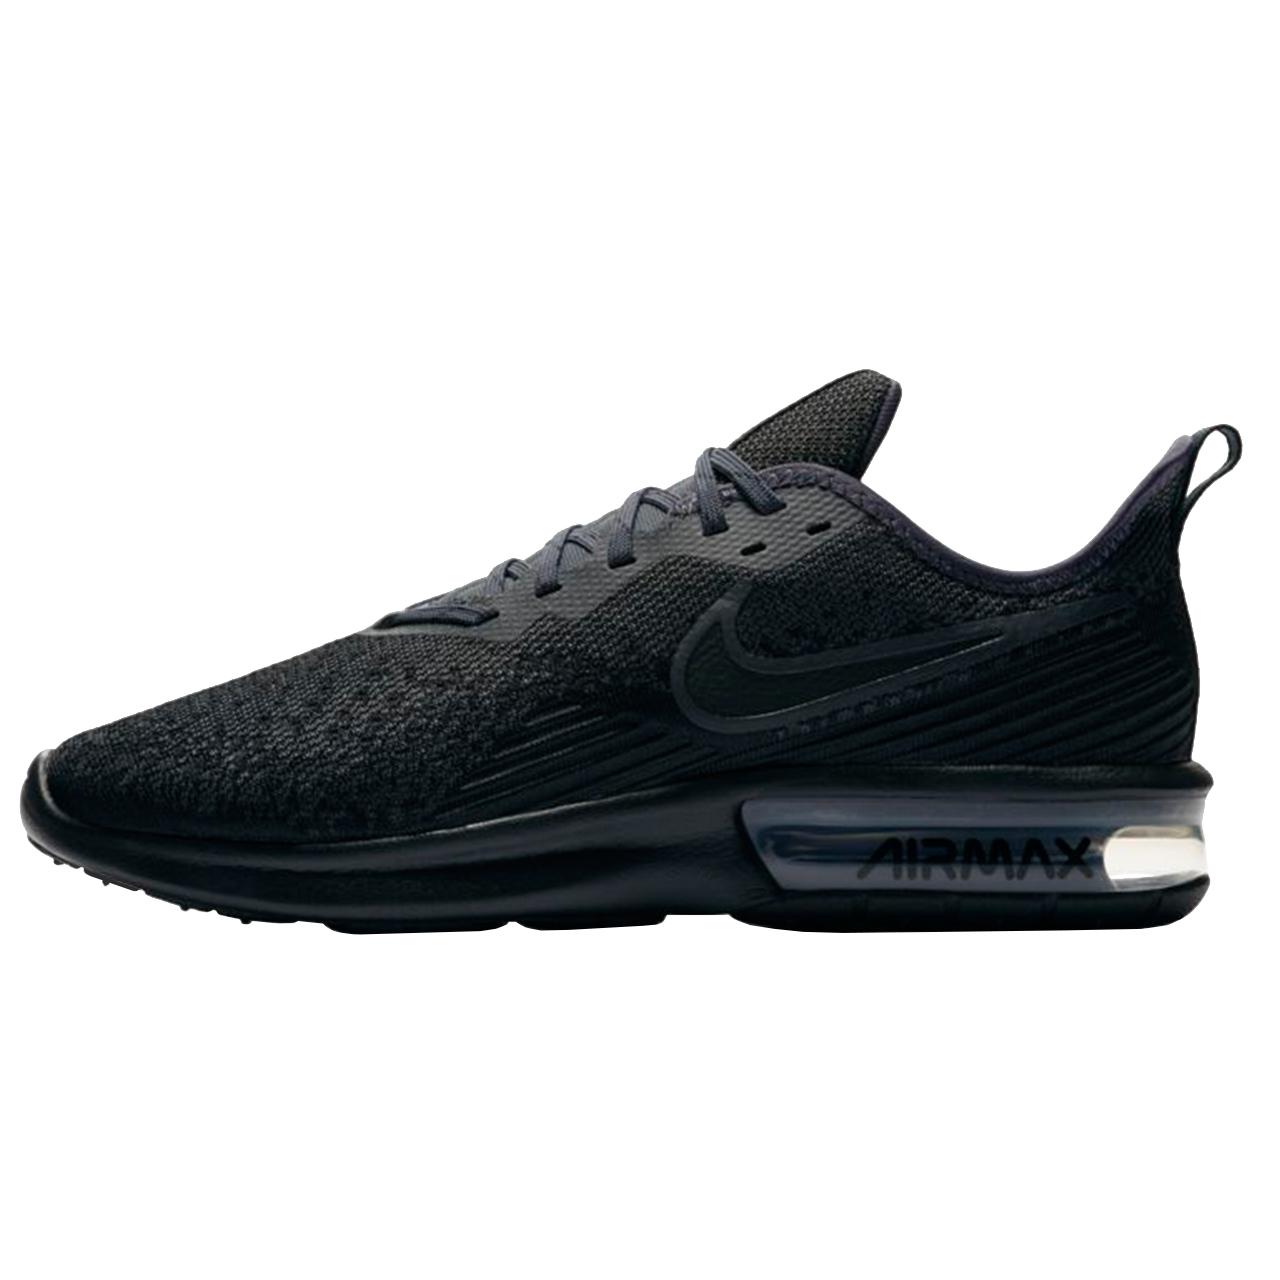 قیمت کفش مخصوص دویدن مردانه نایکی مدل Air Max Sequent 4 - AO4485-002